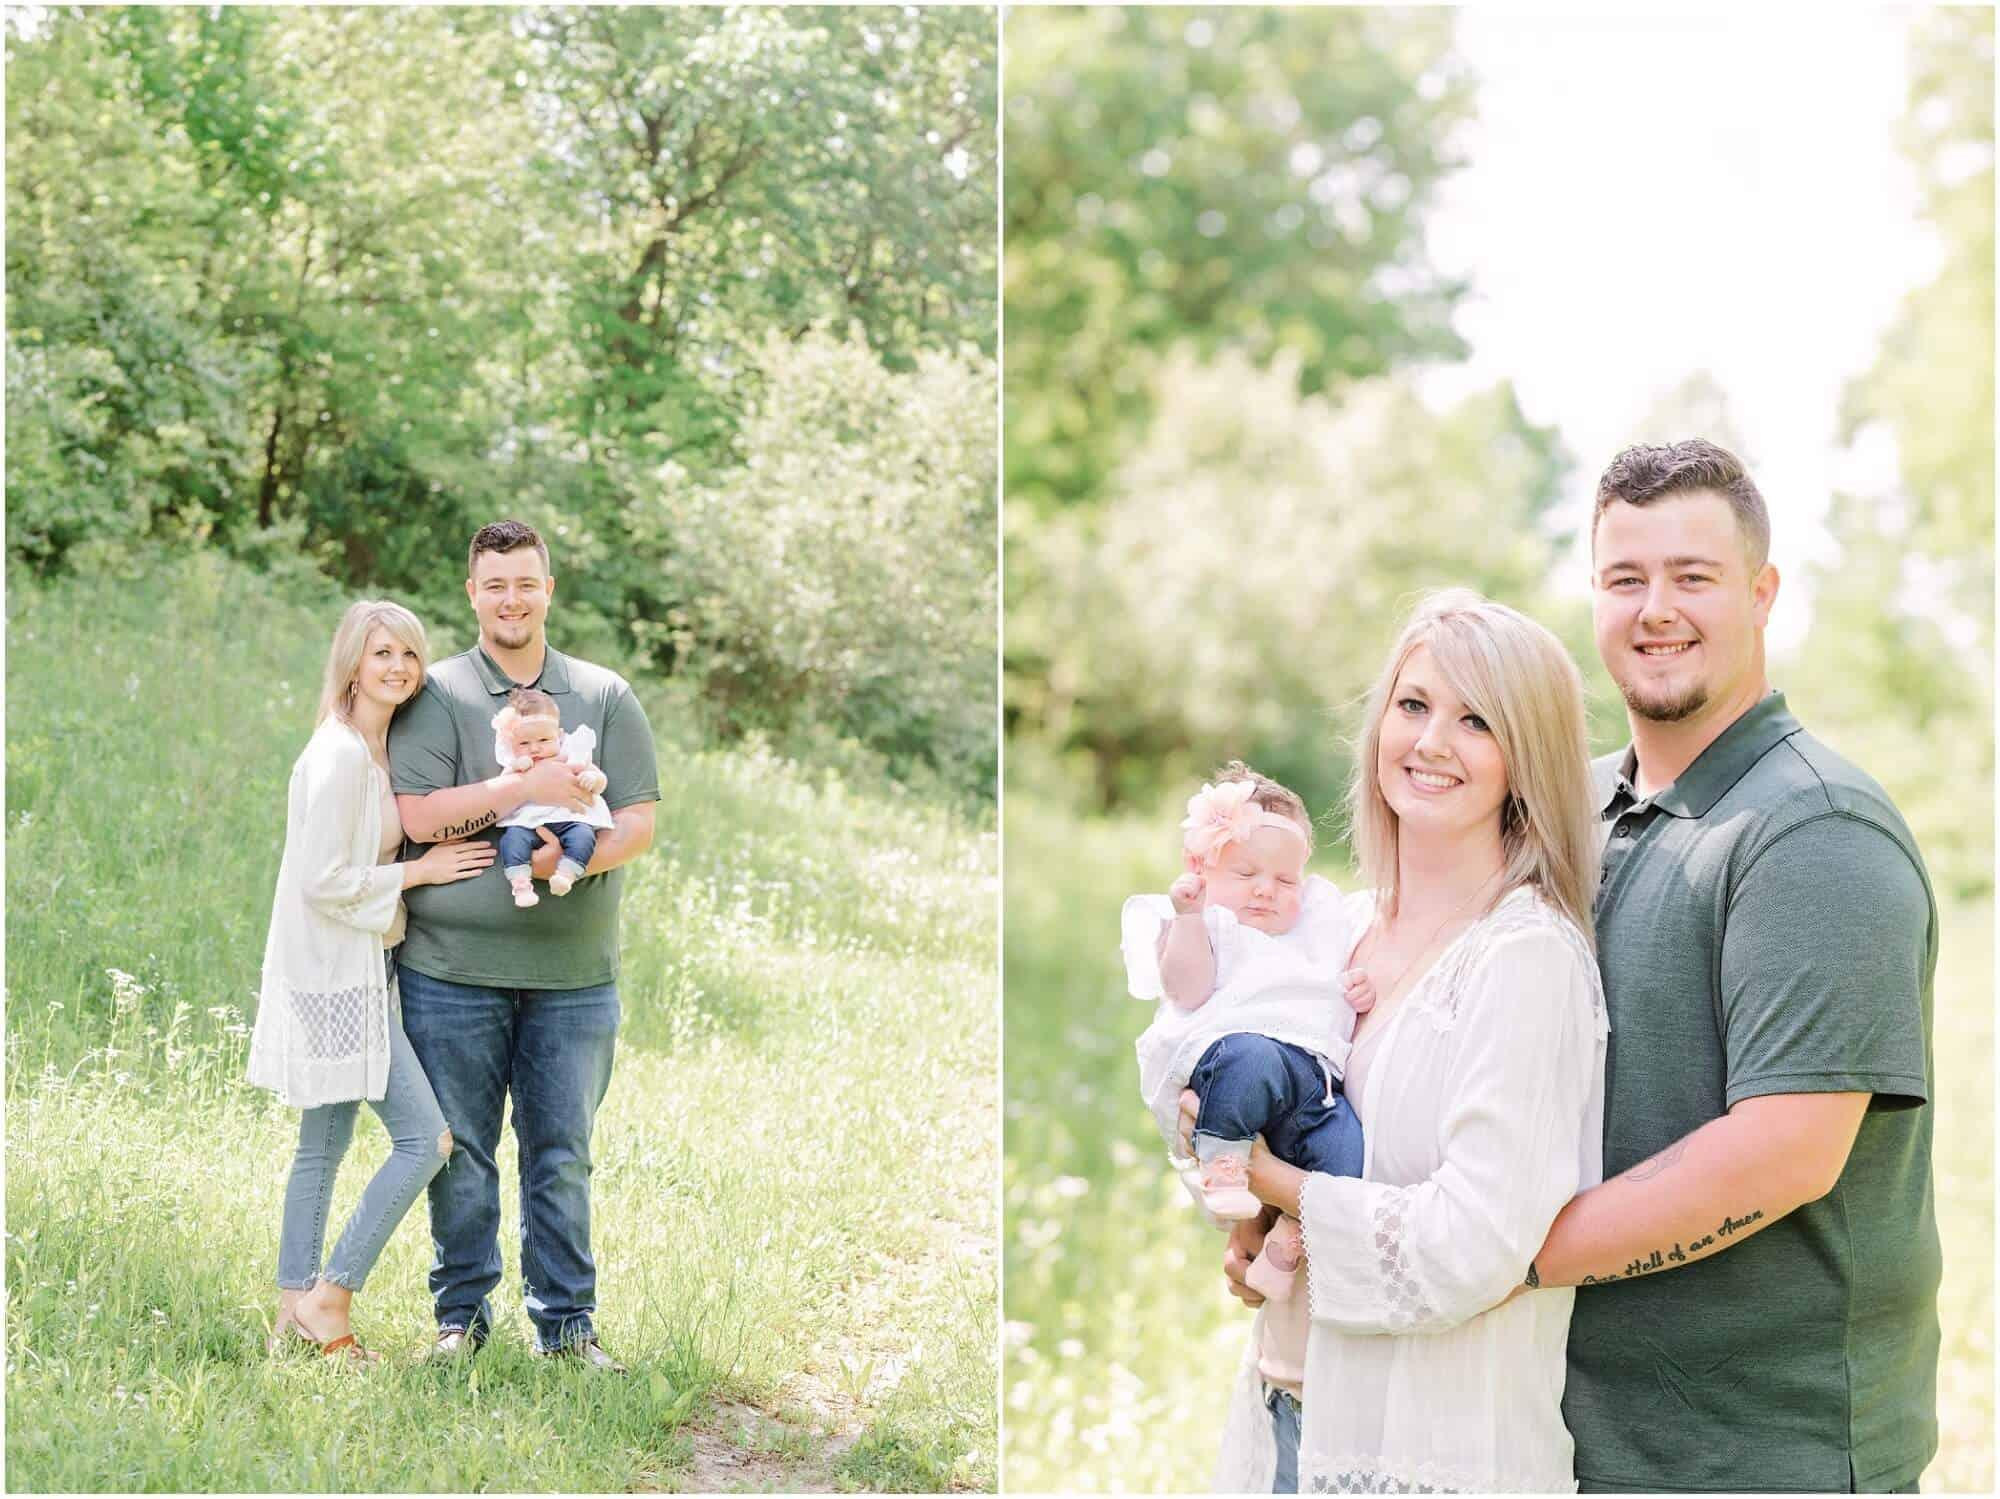 mansfield ashland ohio family photographer tiffany murray